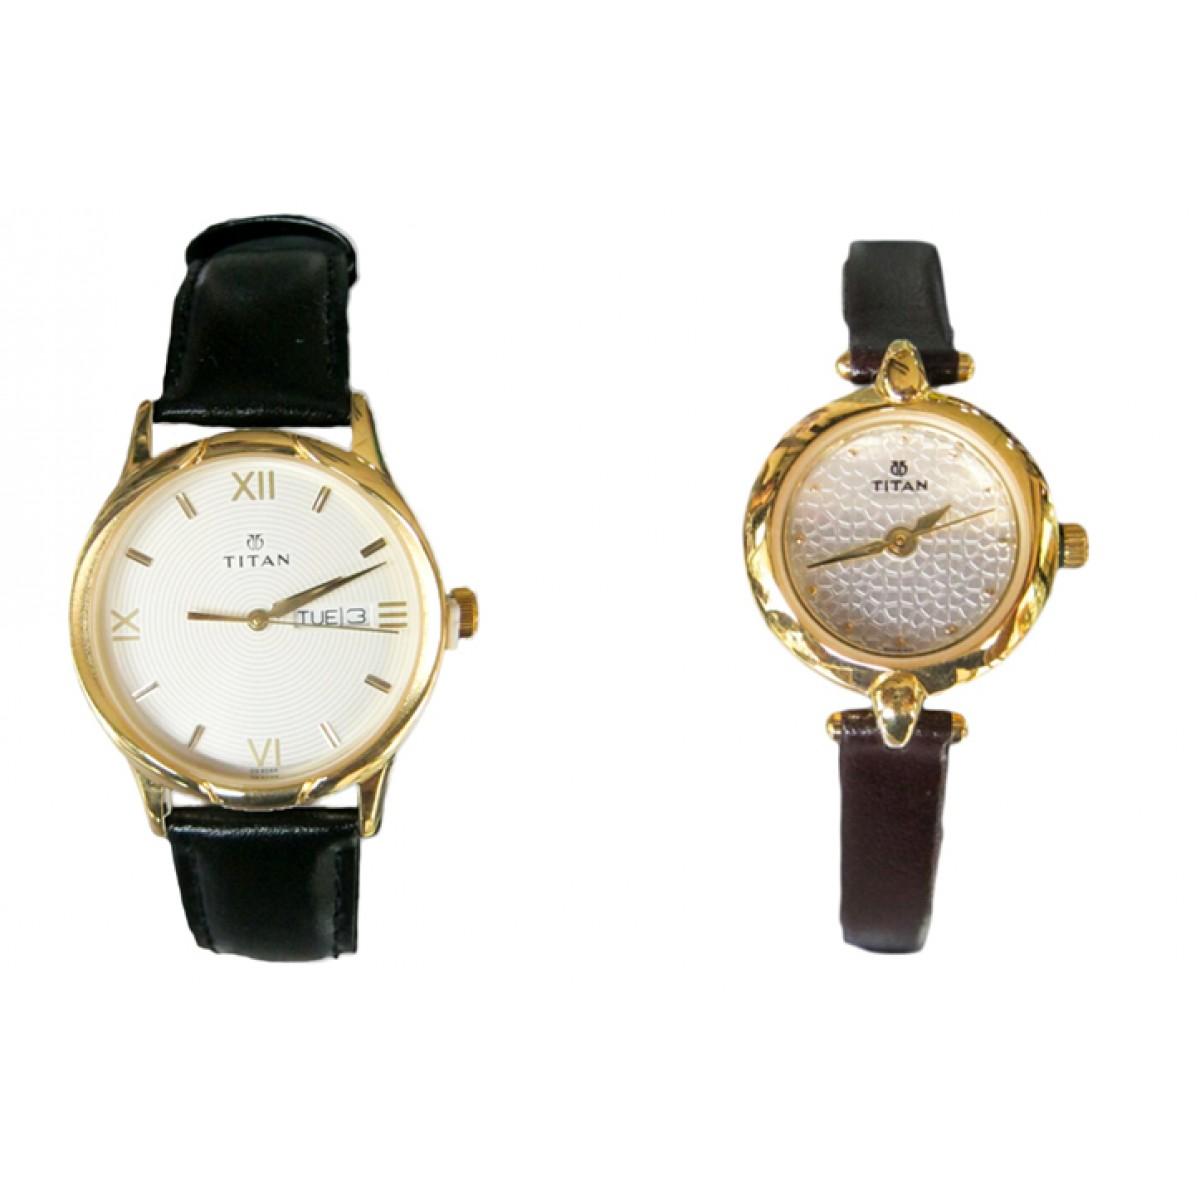 wedding gift set titan analog watch for men women saving 8